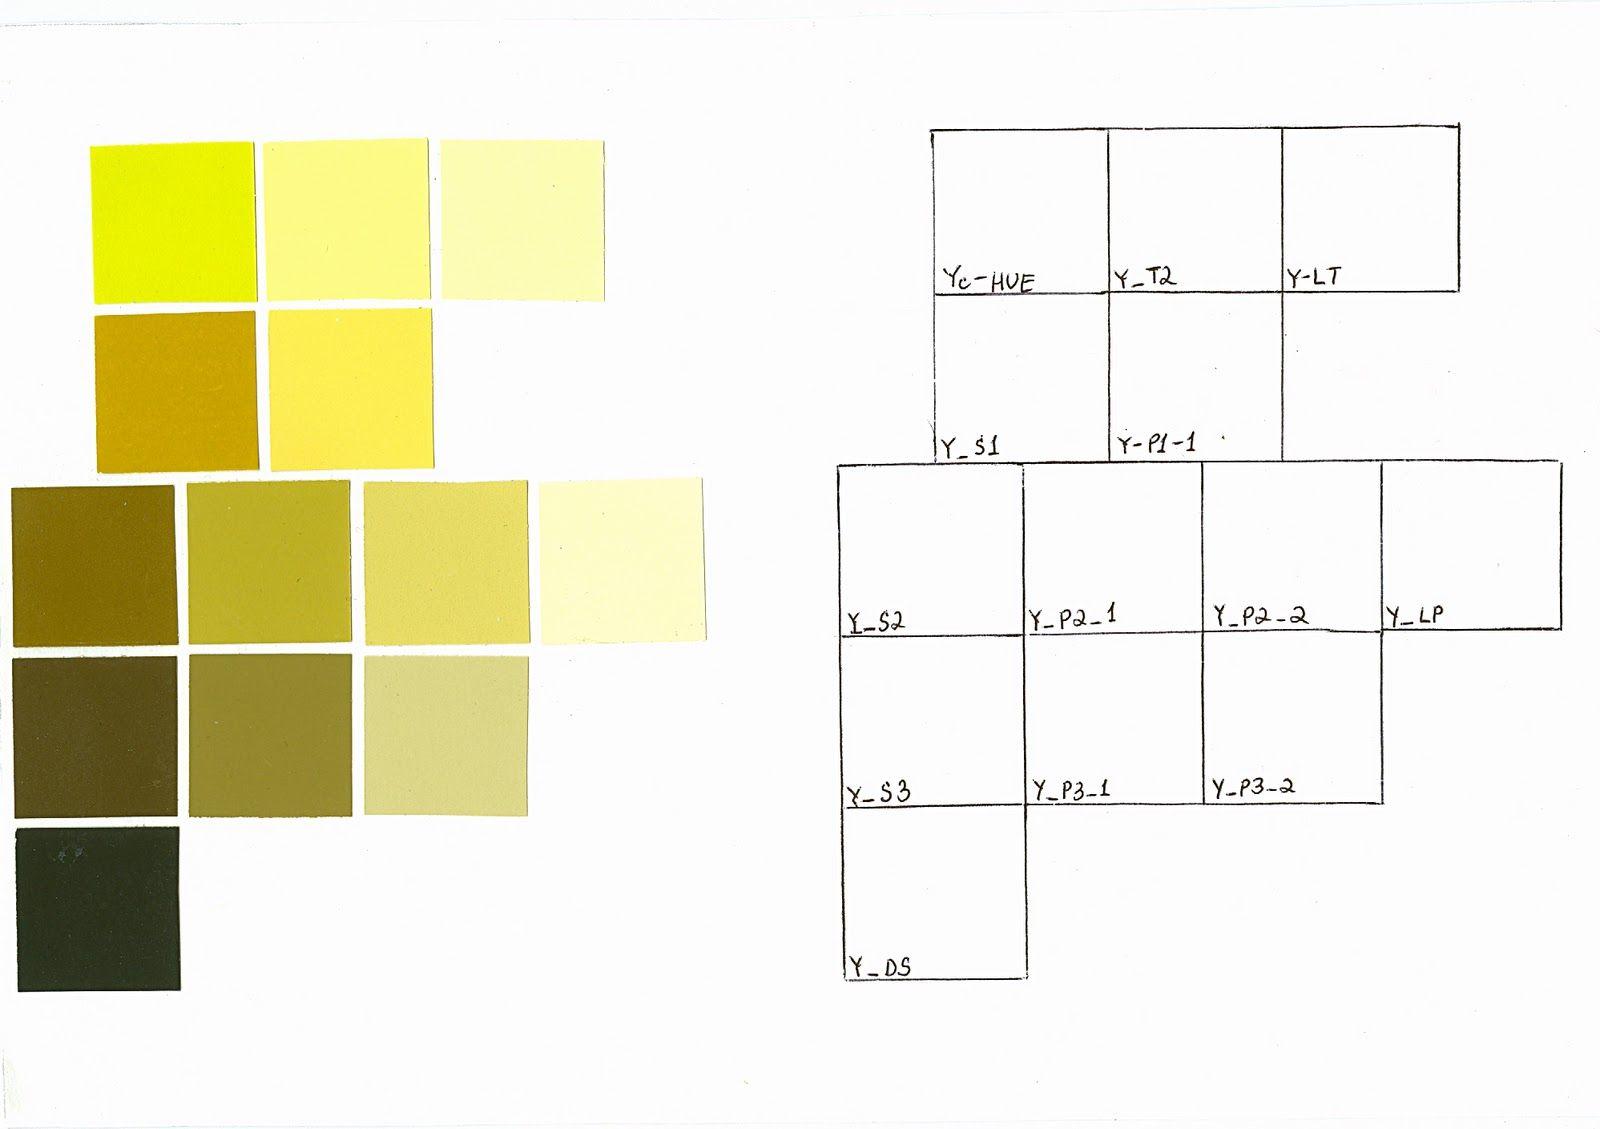 Polina's Color Blog: Homework